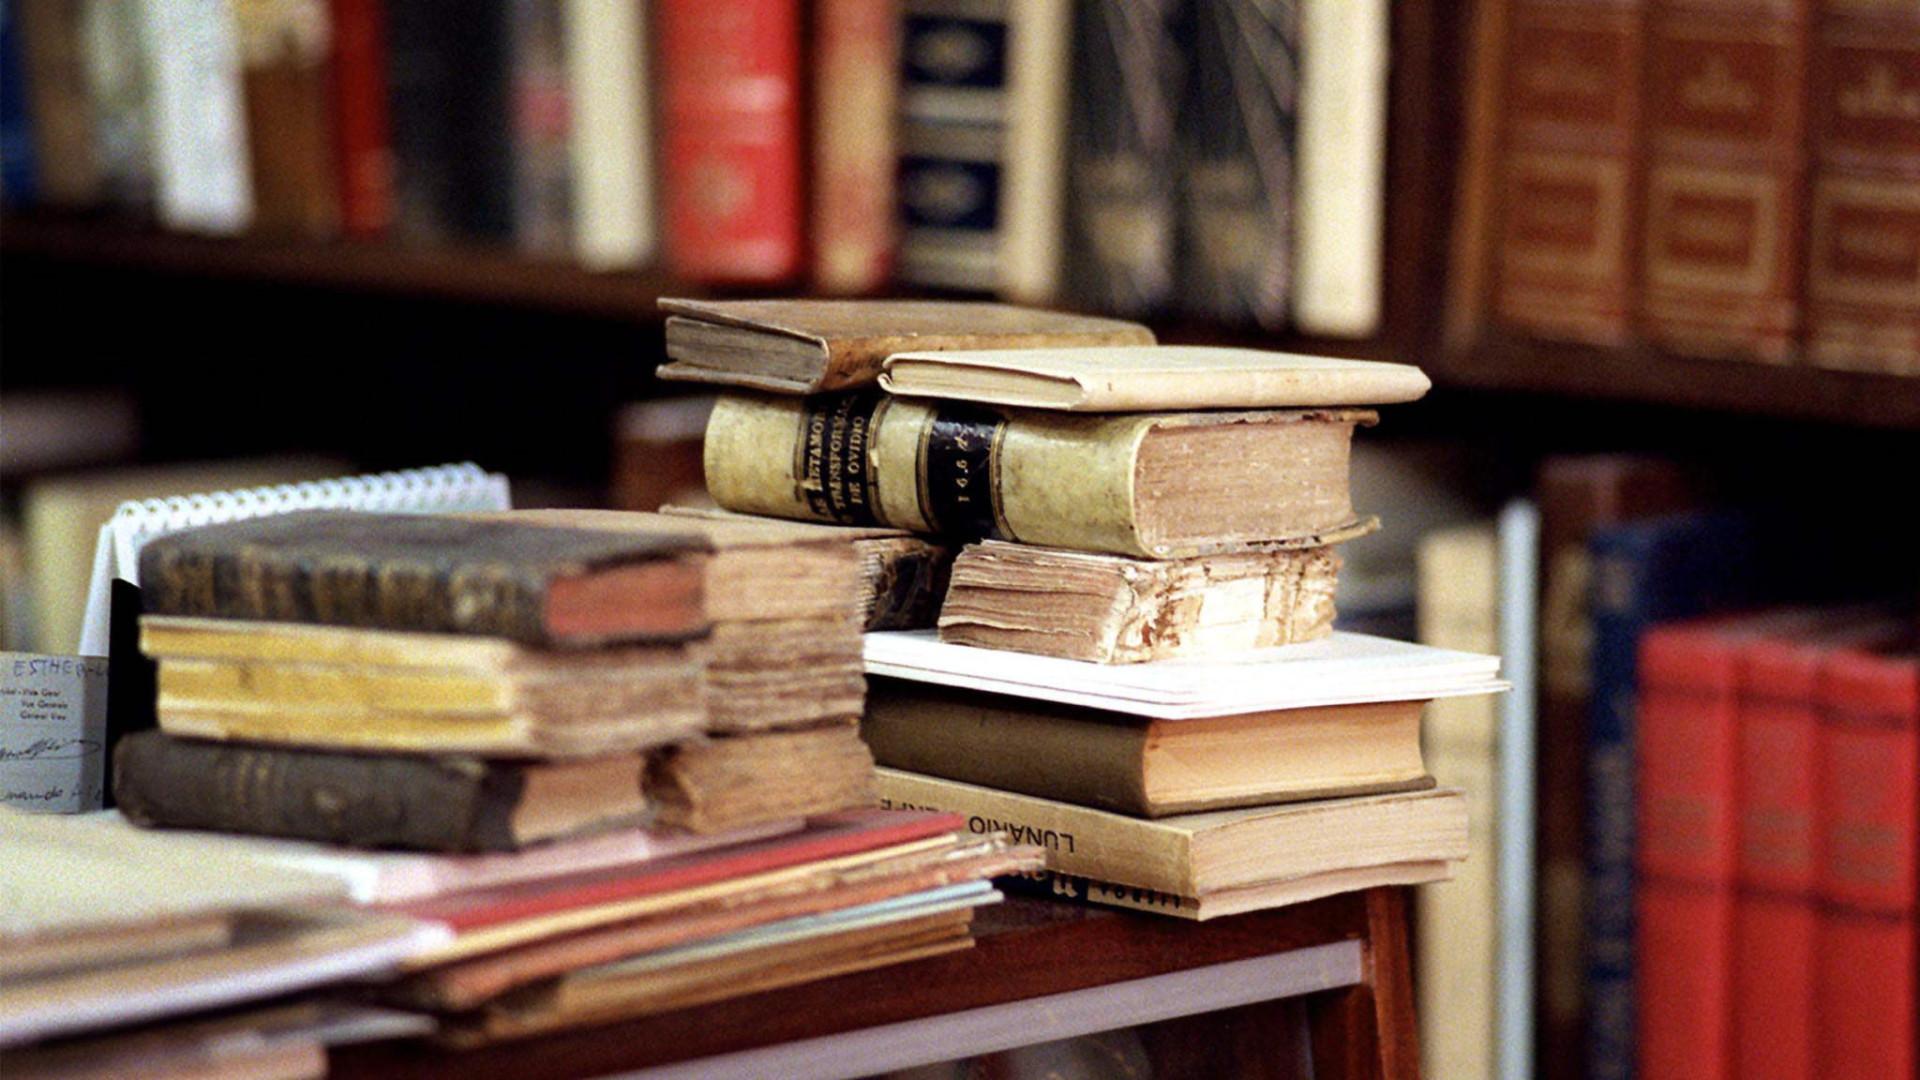 Vida e obra de Goethe publicada em livro pela primeira vez em Portugal